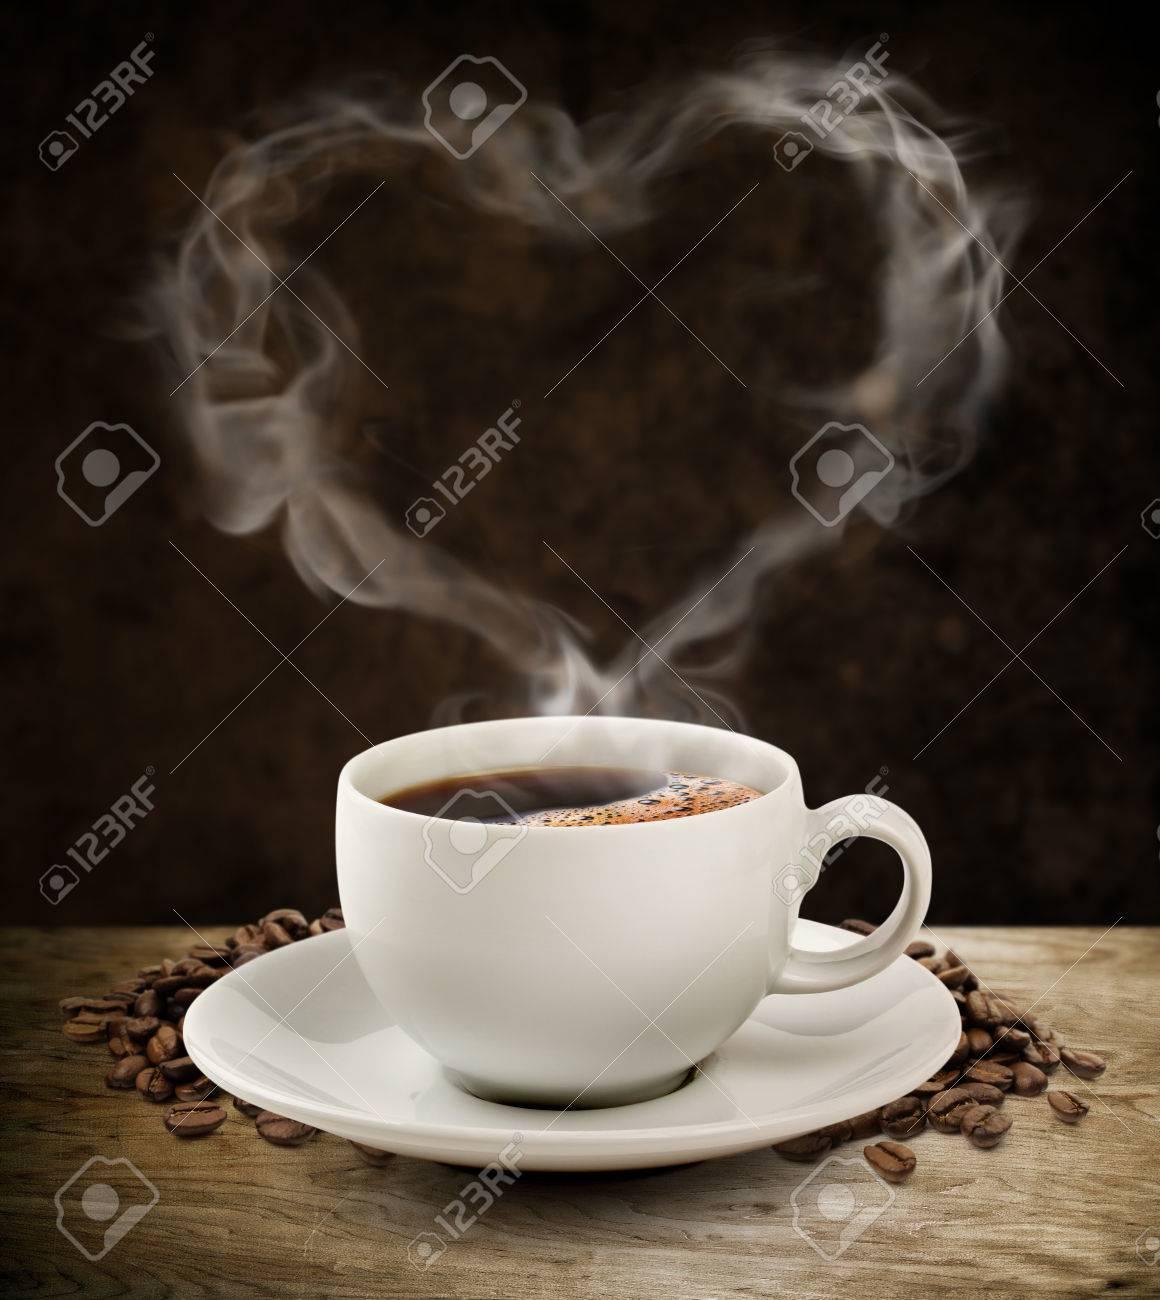 fumee douce cafe coeur avec chemin de detourage